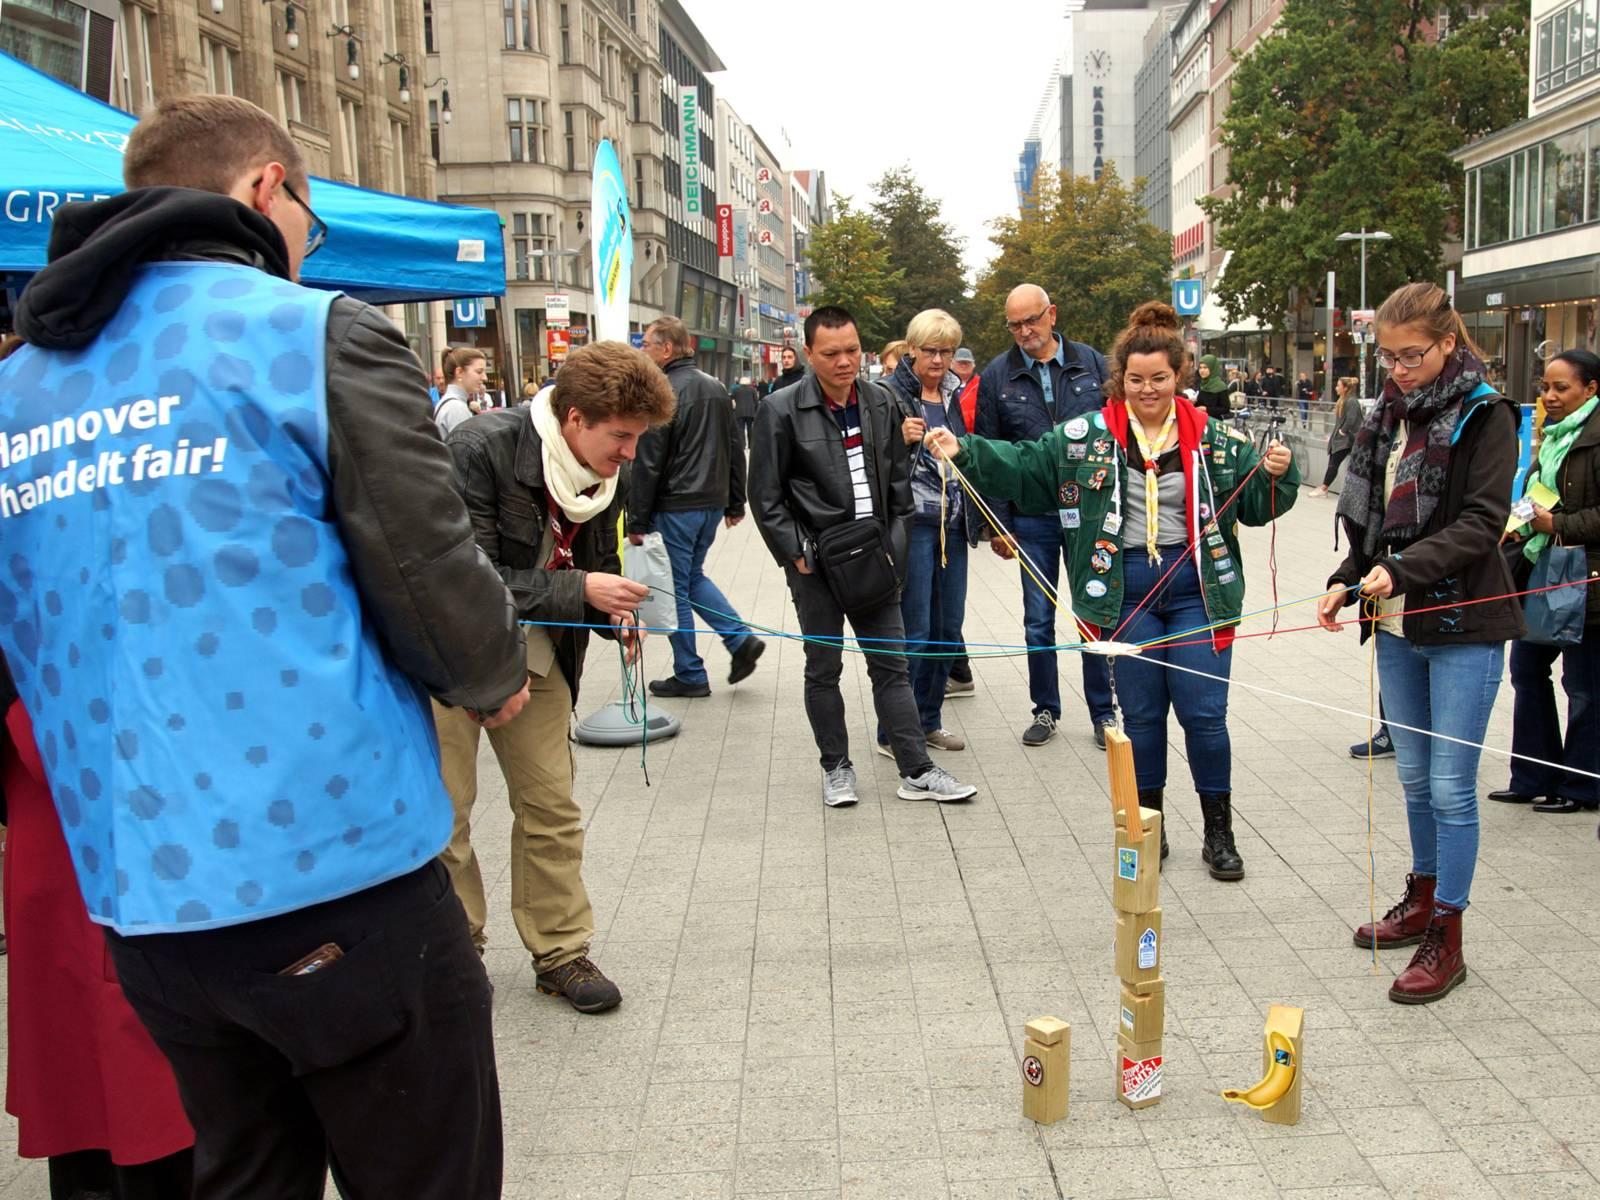 Menschen in einer Fußgängerzone, die junge Leute bei einem Spiel beobachten.